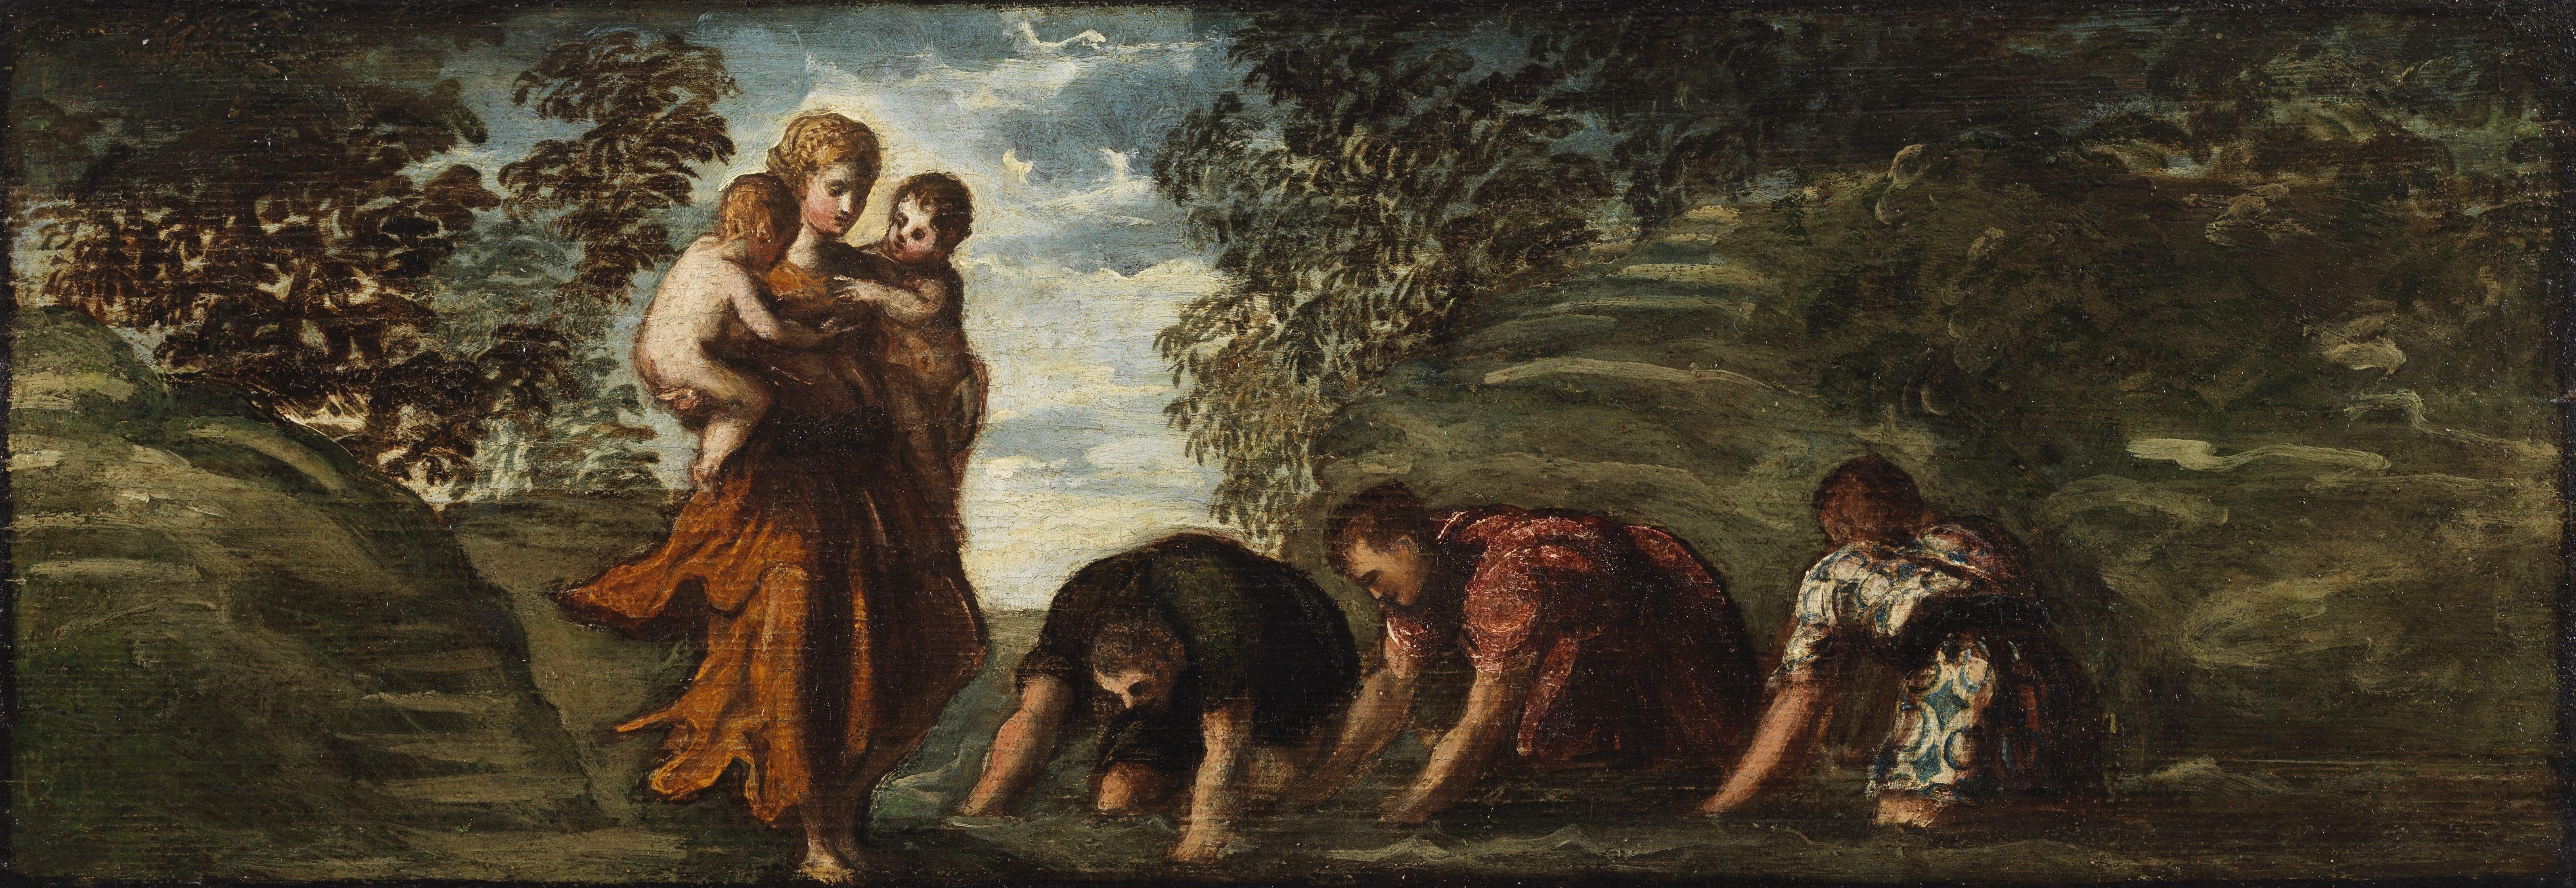 File:Jacopo Tintoretto - Latona ei contadini della Licia.jpg ...